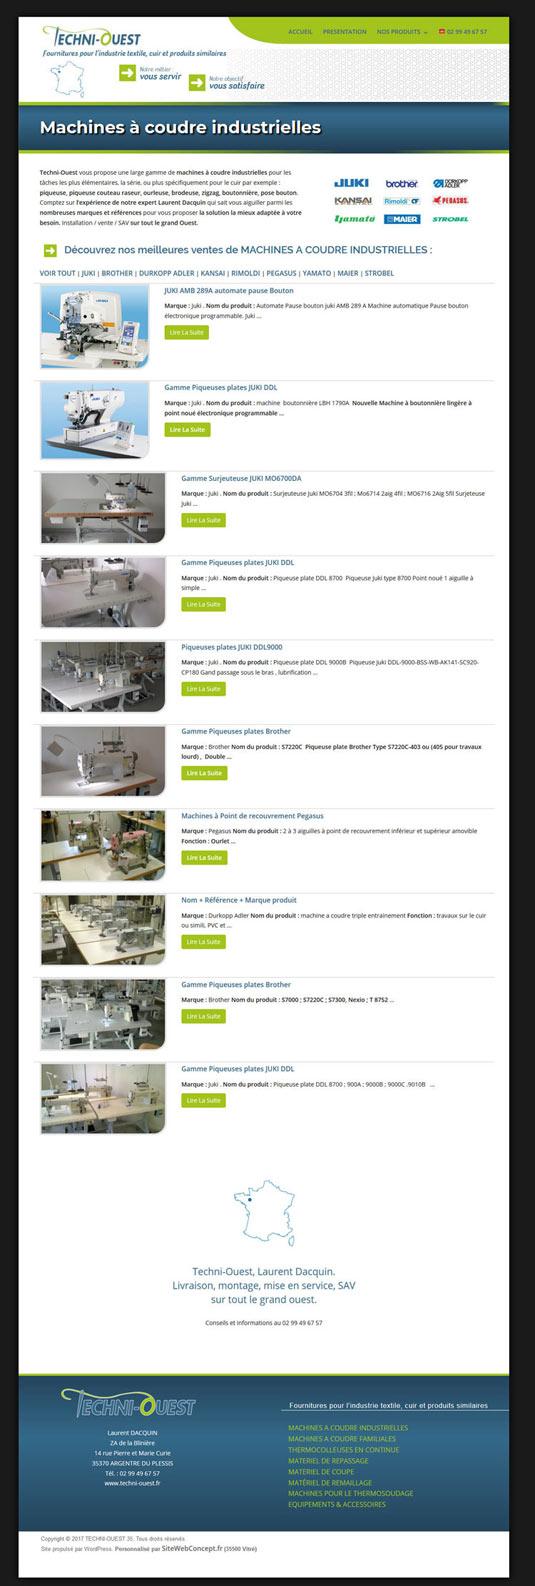 Machines-à-coudre-industrielles-–-Technio-Ouest-techni-ouest.fr-2018-03-27-15-28-35